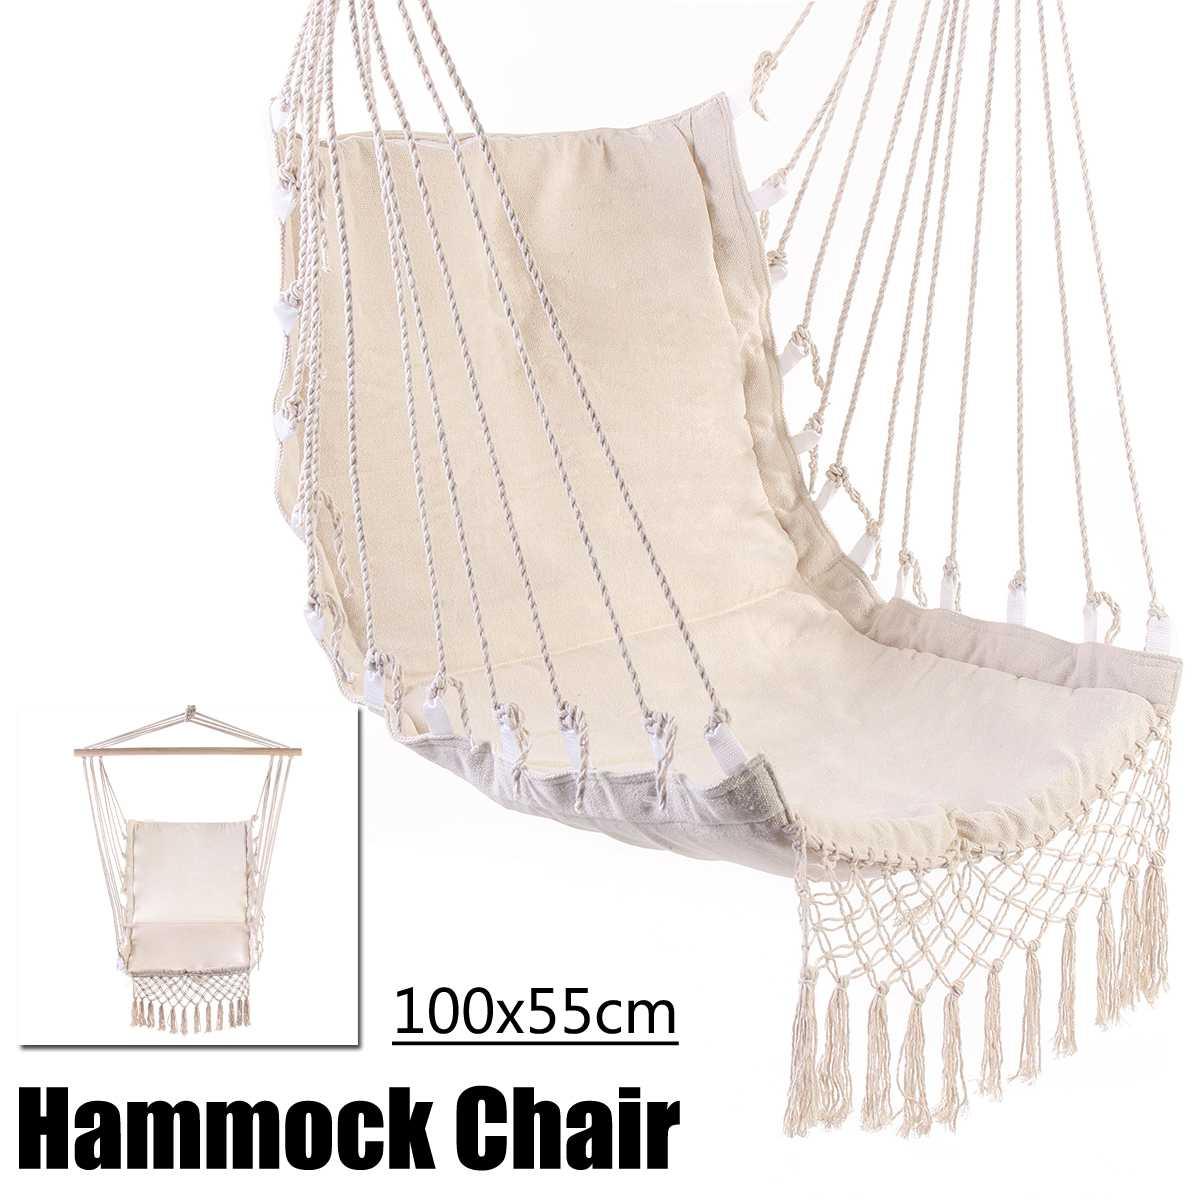 Nordic Style Hammock Outdoor Indoor Furniture Garden Bedroom Swing Hanging Chair for Children AdultNordic Style Hammock Outdoor Indoor Furniture Garden Bedroom Swing Hanging Chair for Children Adult